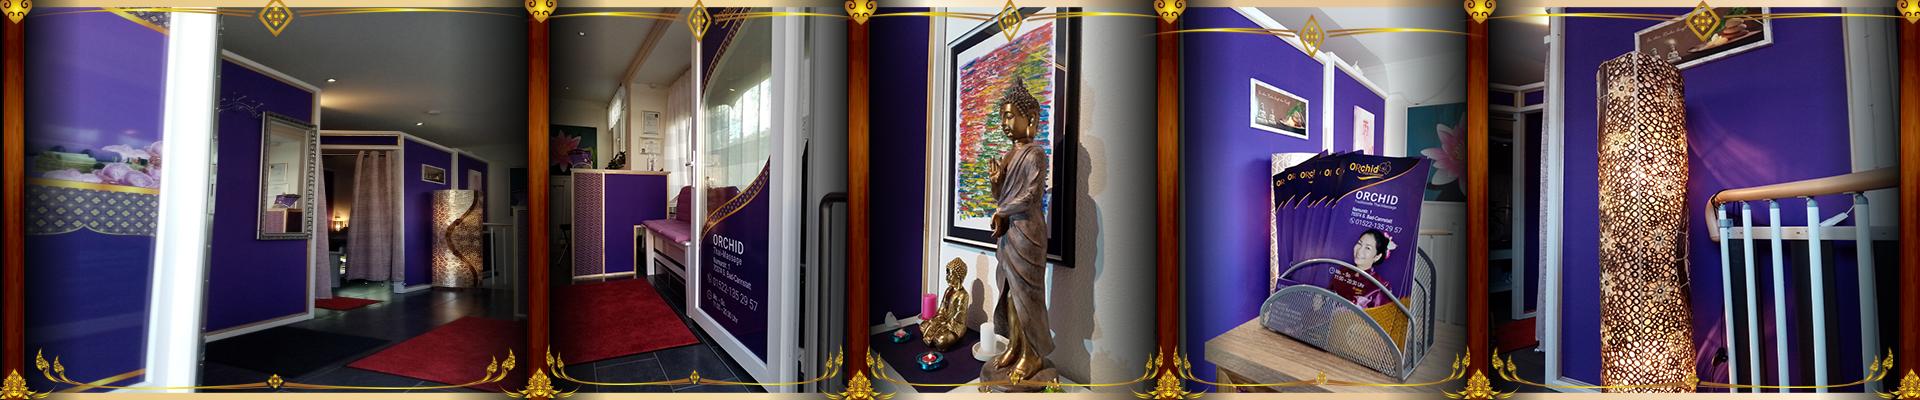 ORCHID Thai-Massage in Stuttgart heißt Sie willkommen!